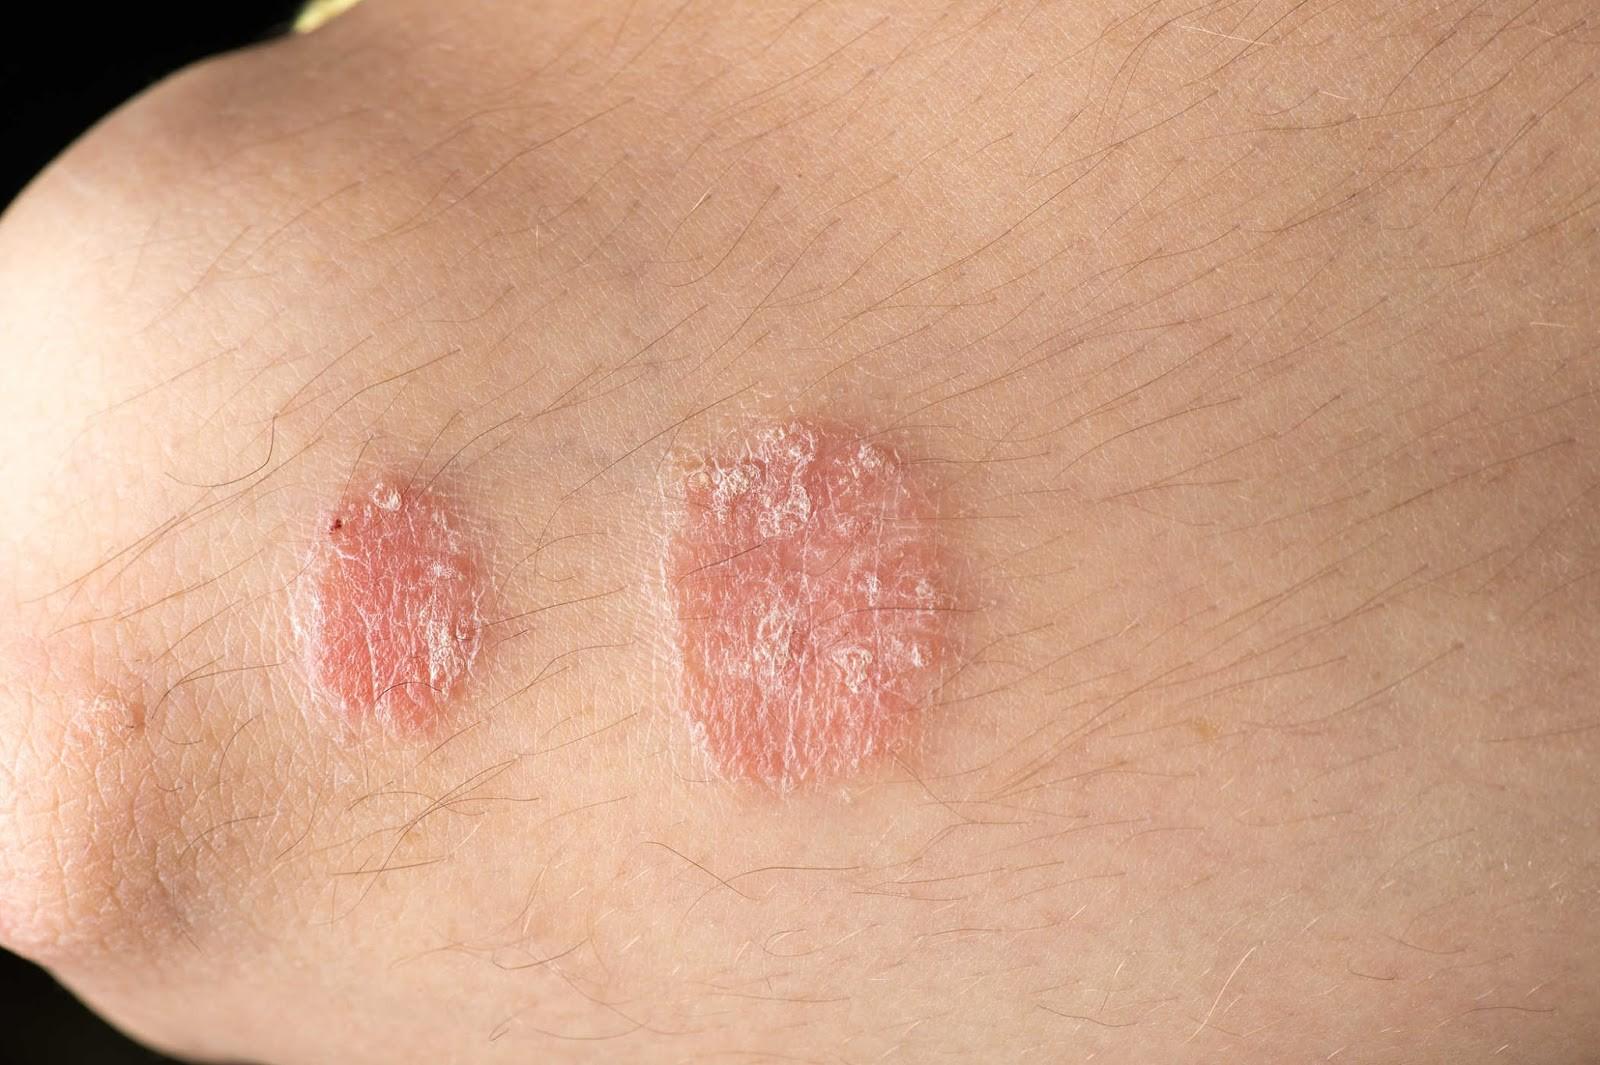 Cẩn thận với những căn bệnh về da thường gặp trong mùa hè, đặc biệt là bệnh số 3 - Ảnh 1.